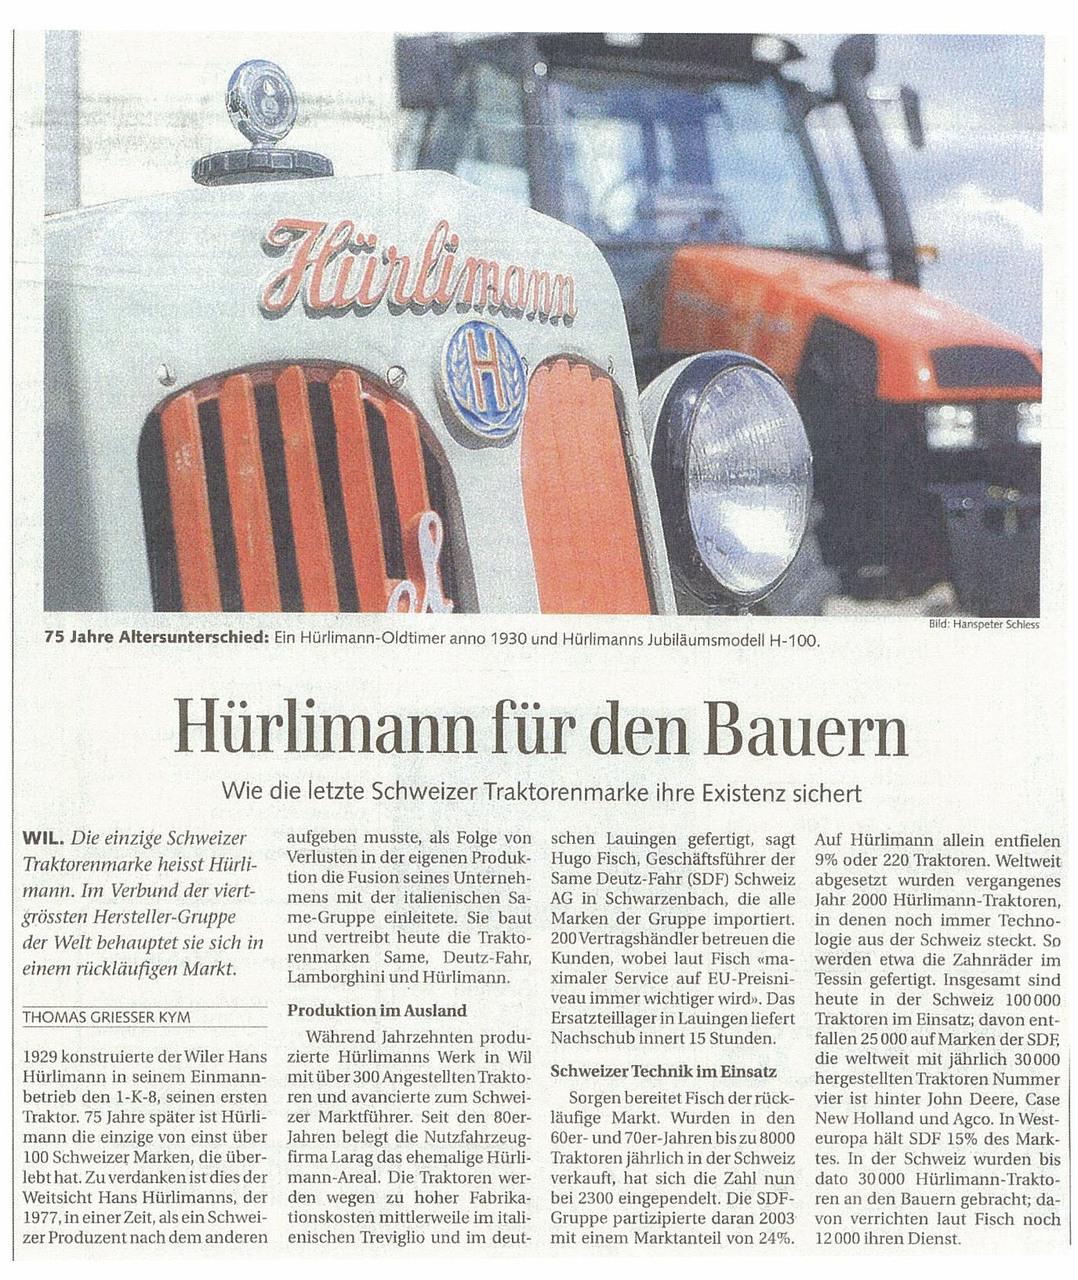 Hurlimann fur den Bauern